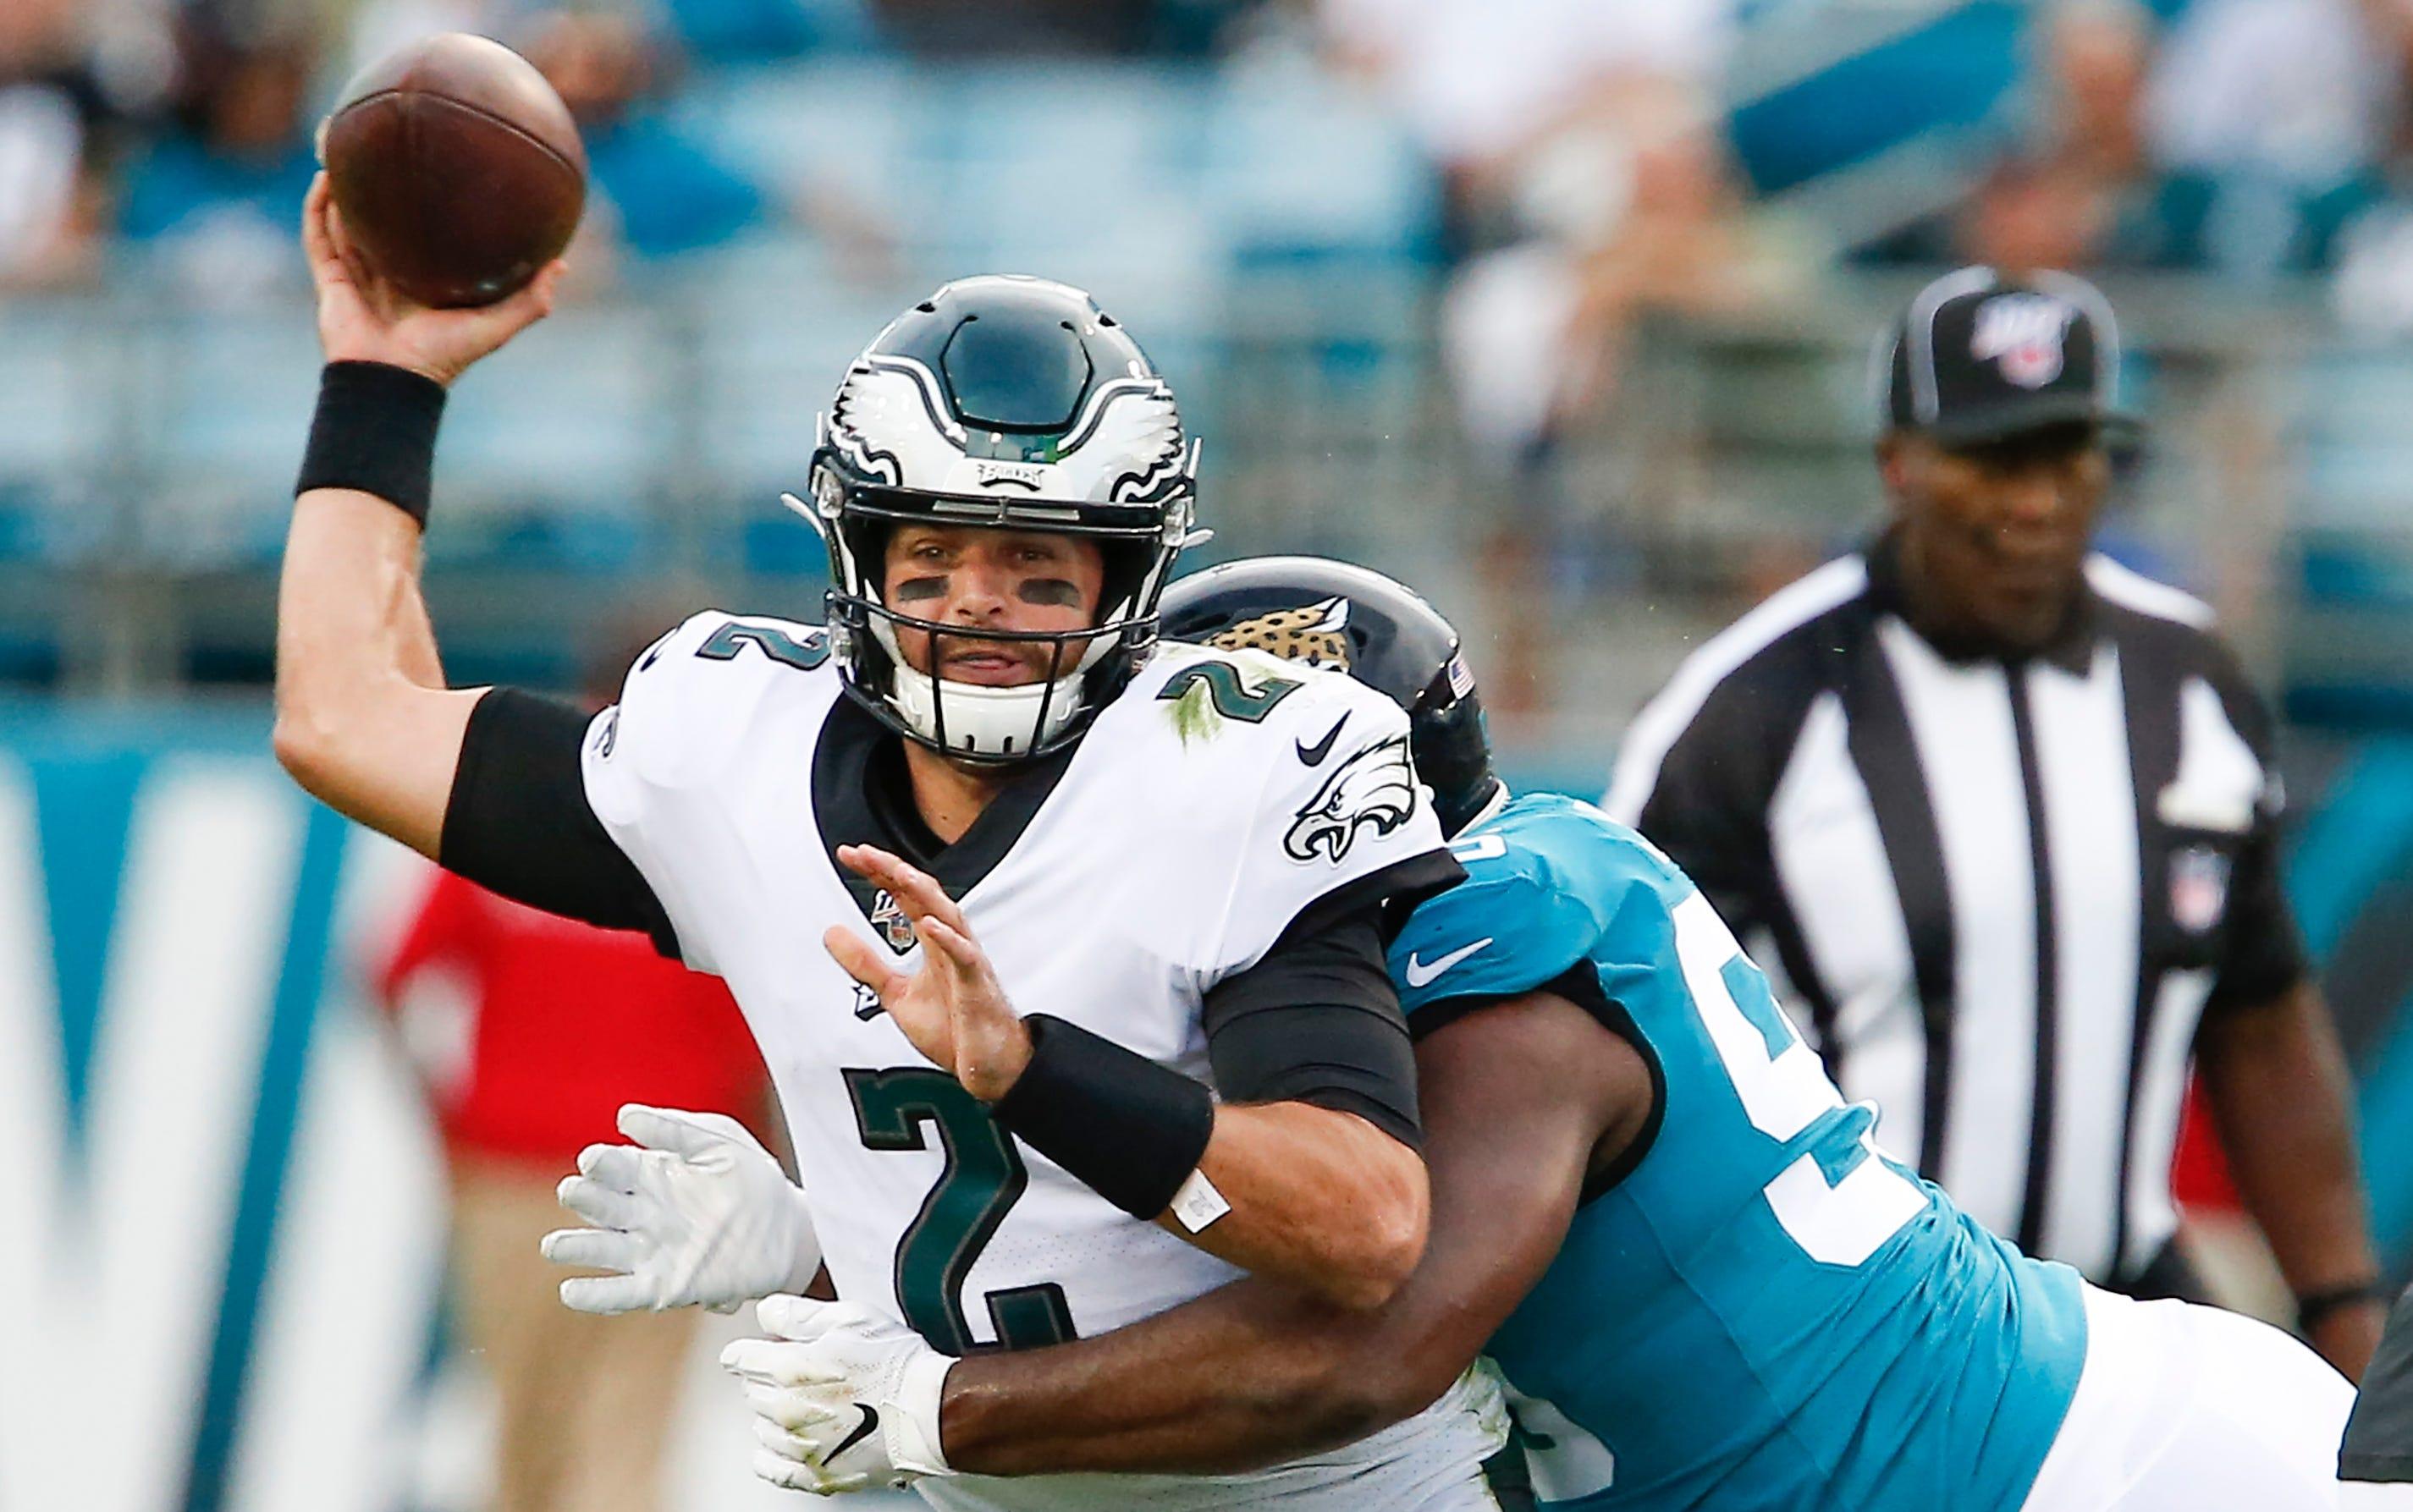 Eagles Cody Kessler Is Latest Philadelphia Quarterback To Be Hurt